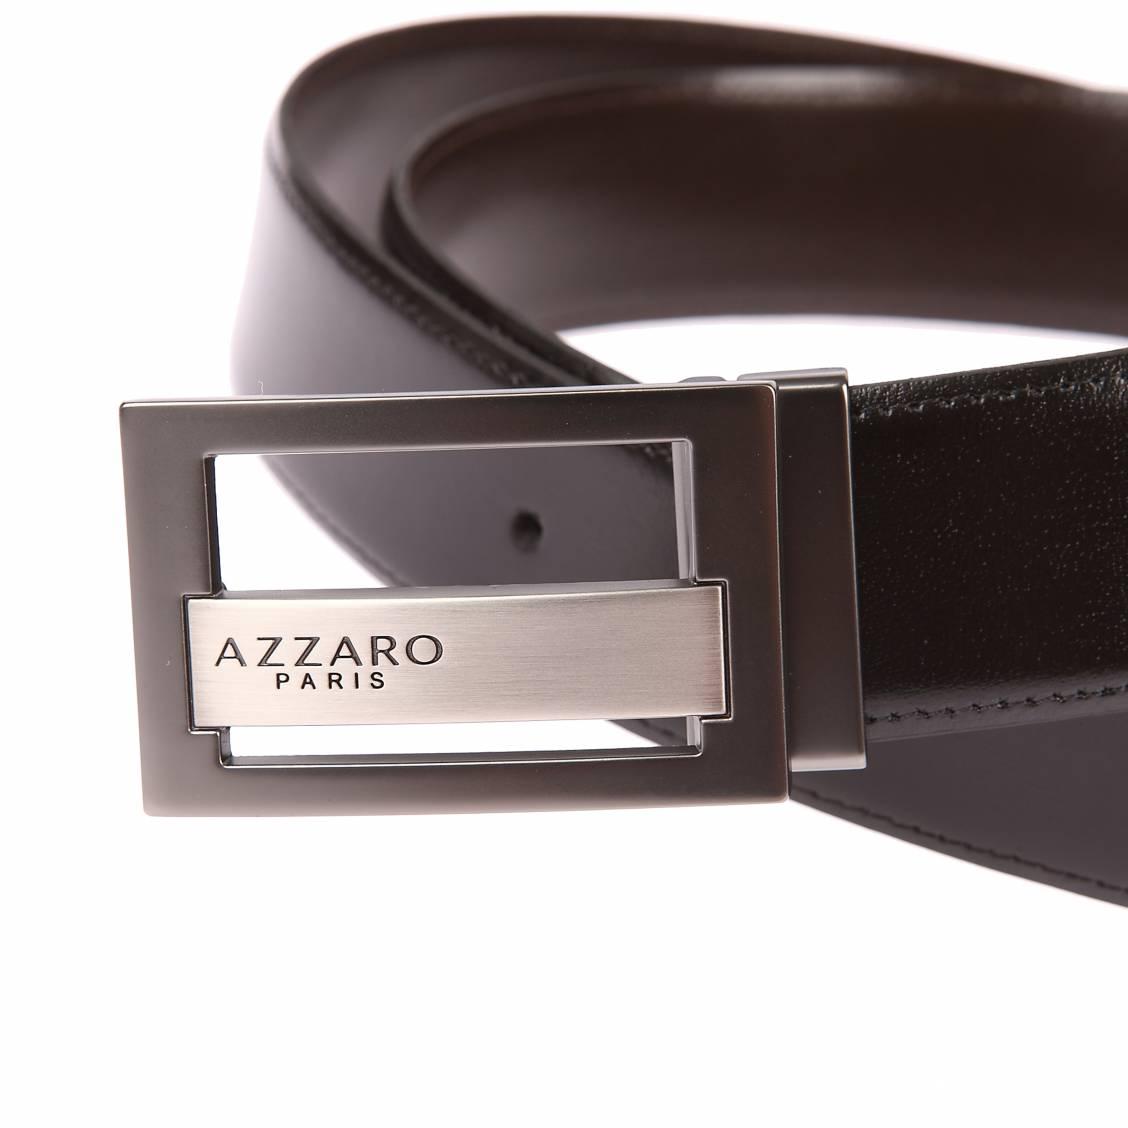 66519b28bc8e ... Coffret ceinture ajustable Azzaro en refente de cuir de vachette noir  réversible marron   boucle à ...